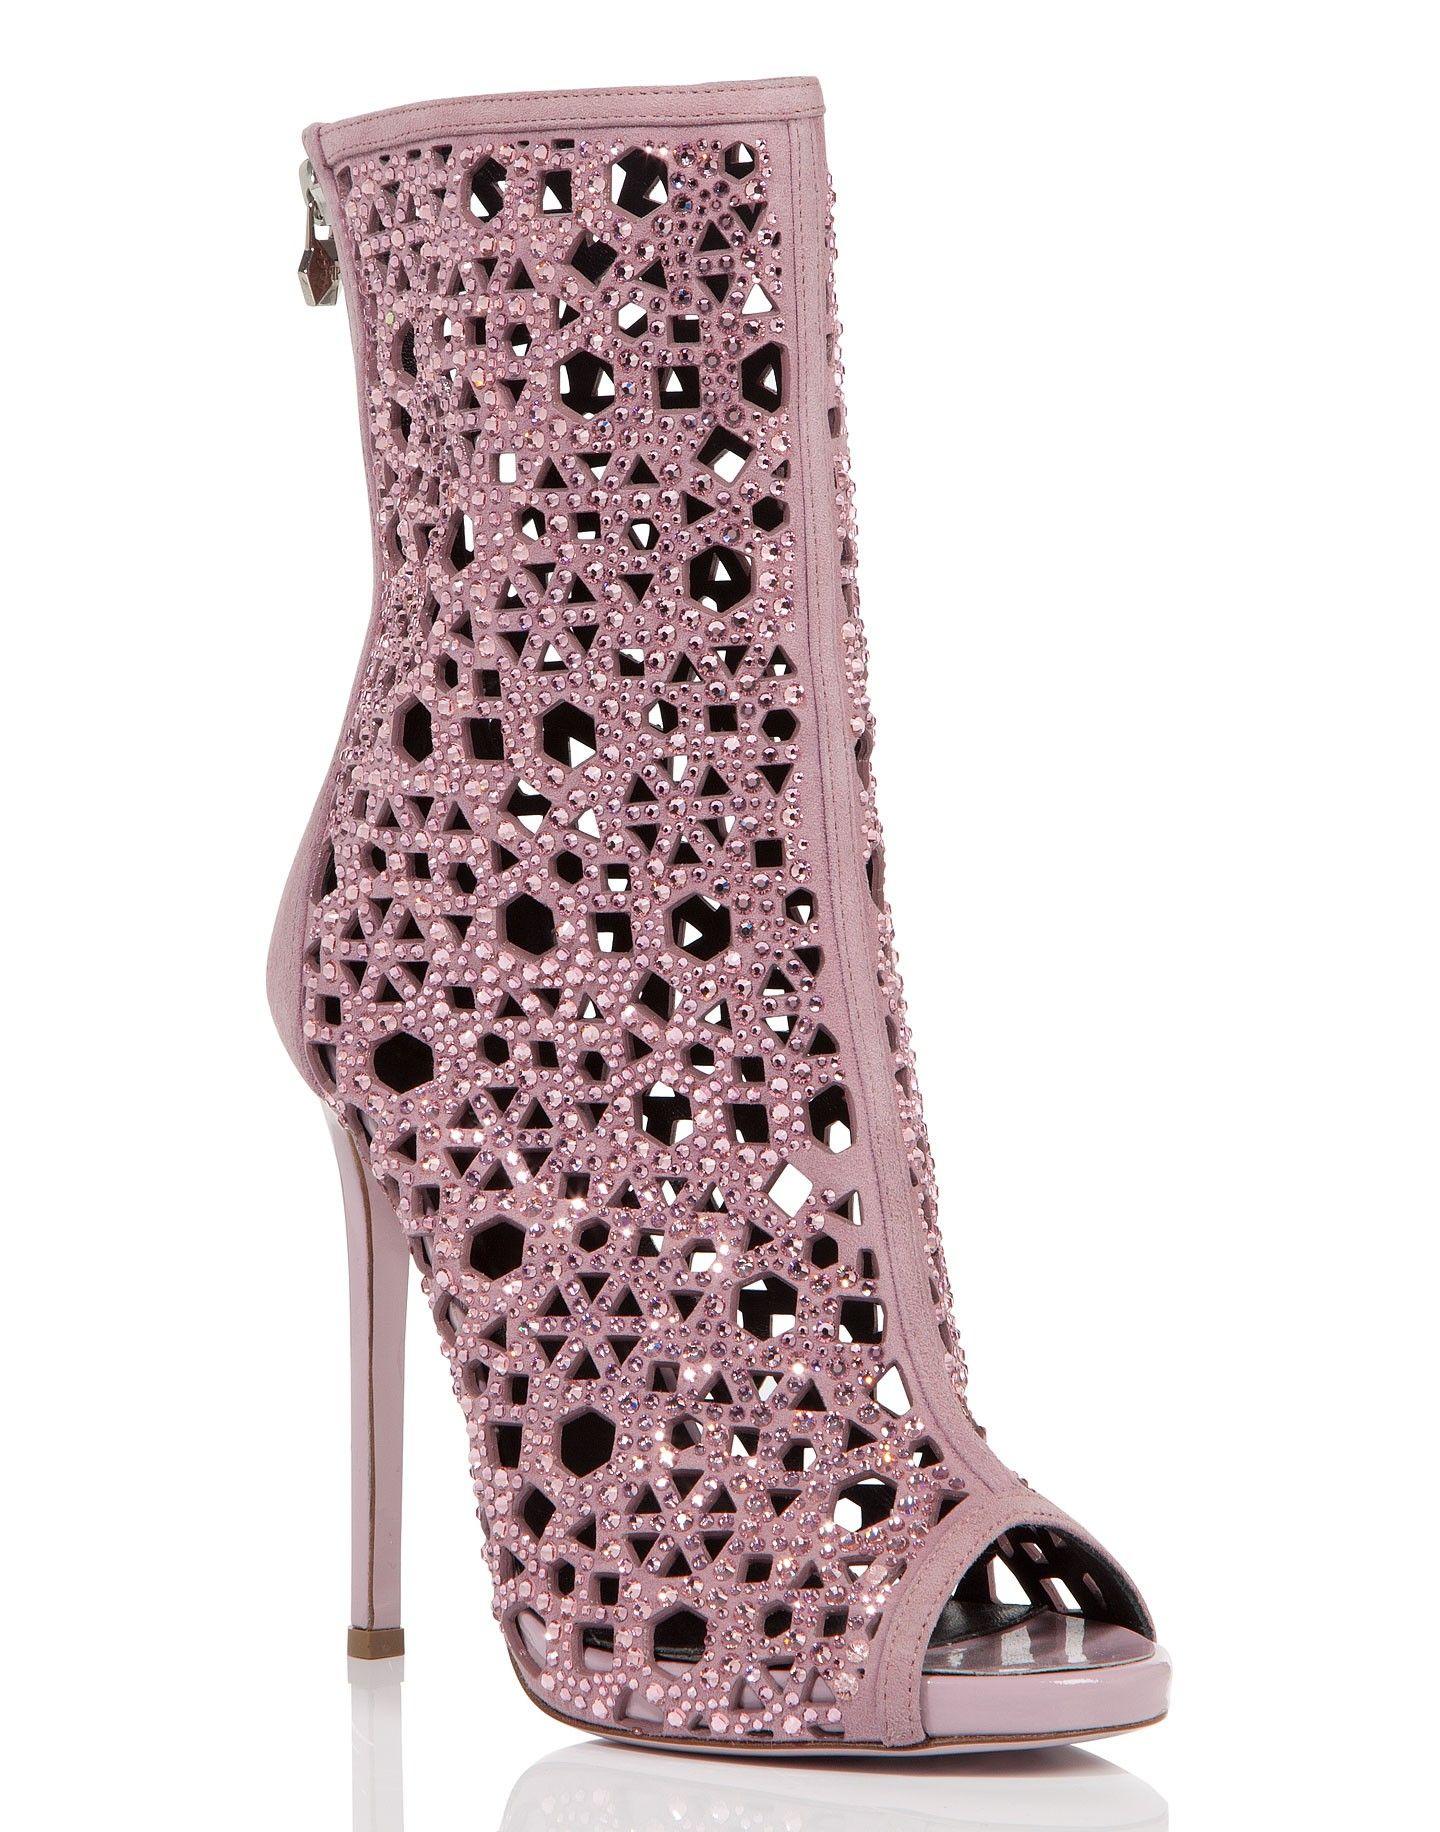 Cutout boots, Crystal heels